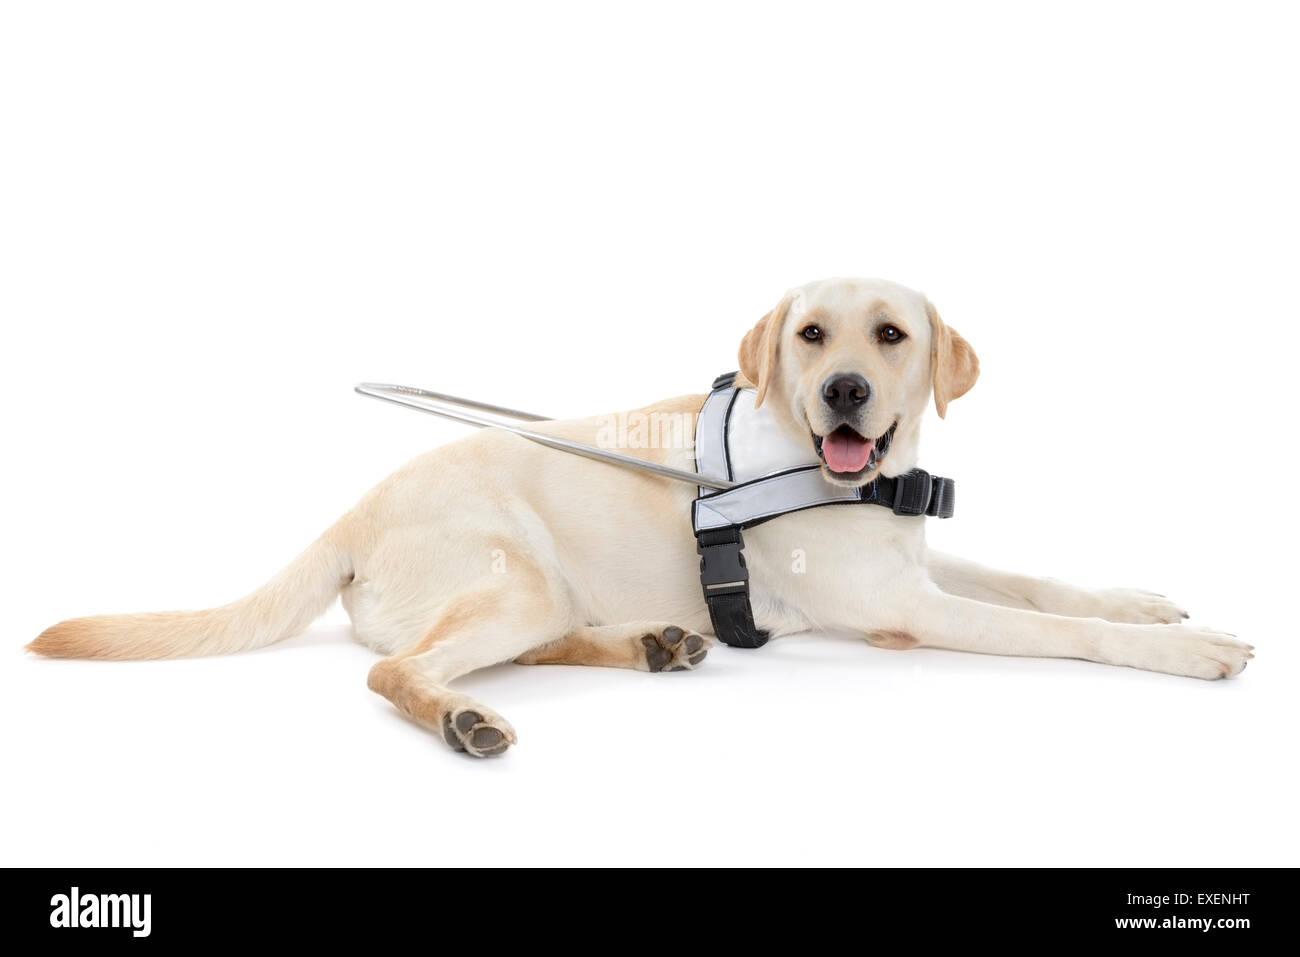 Chien-guide pour les aveugles découper isolé sur fond blanc Photo Stock